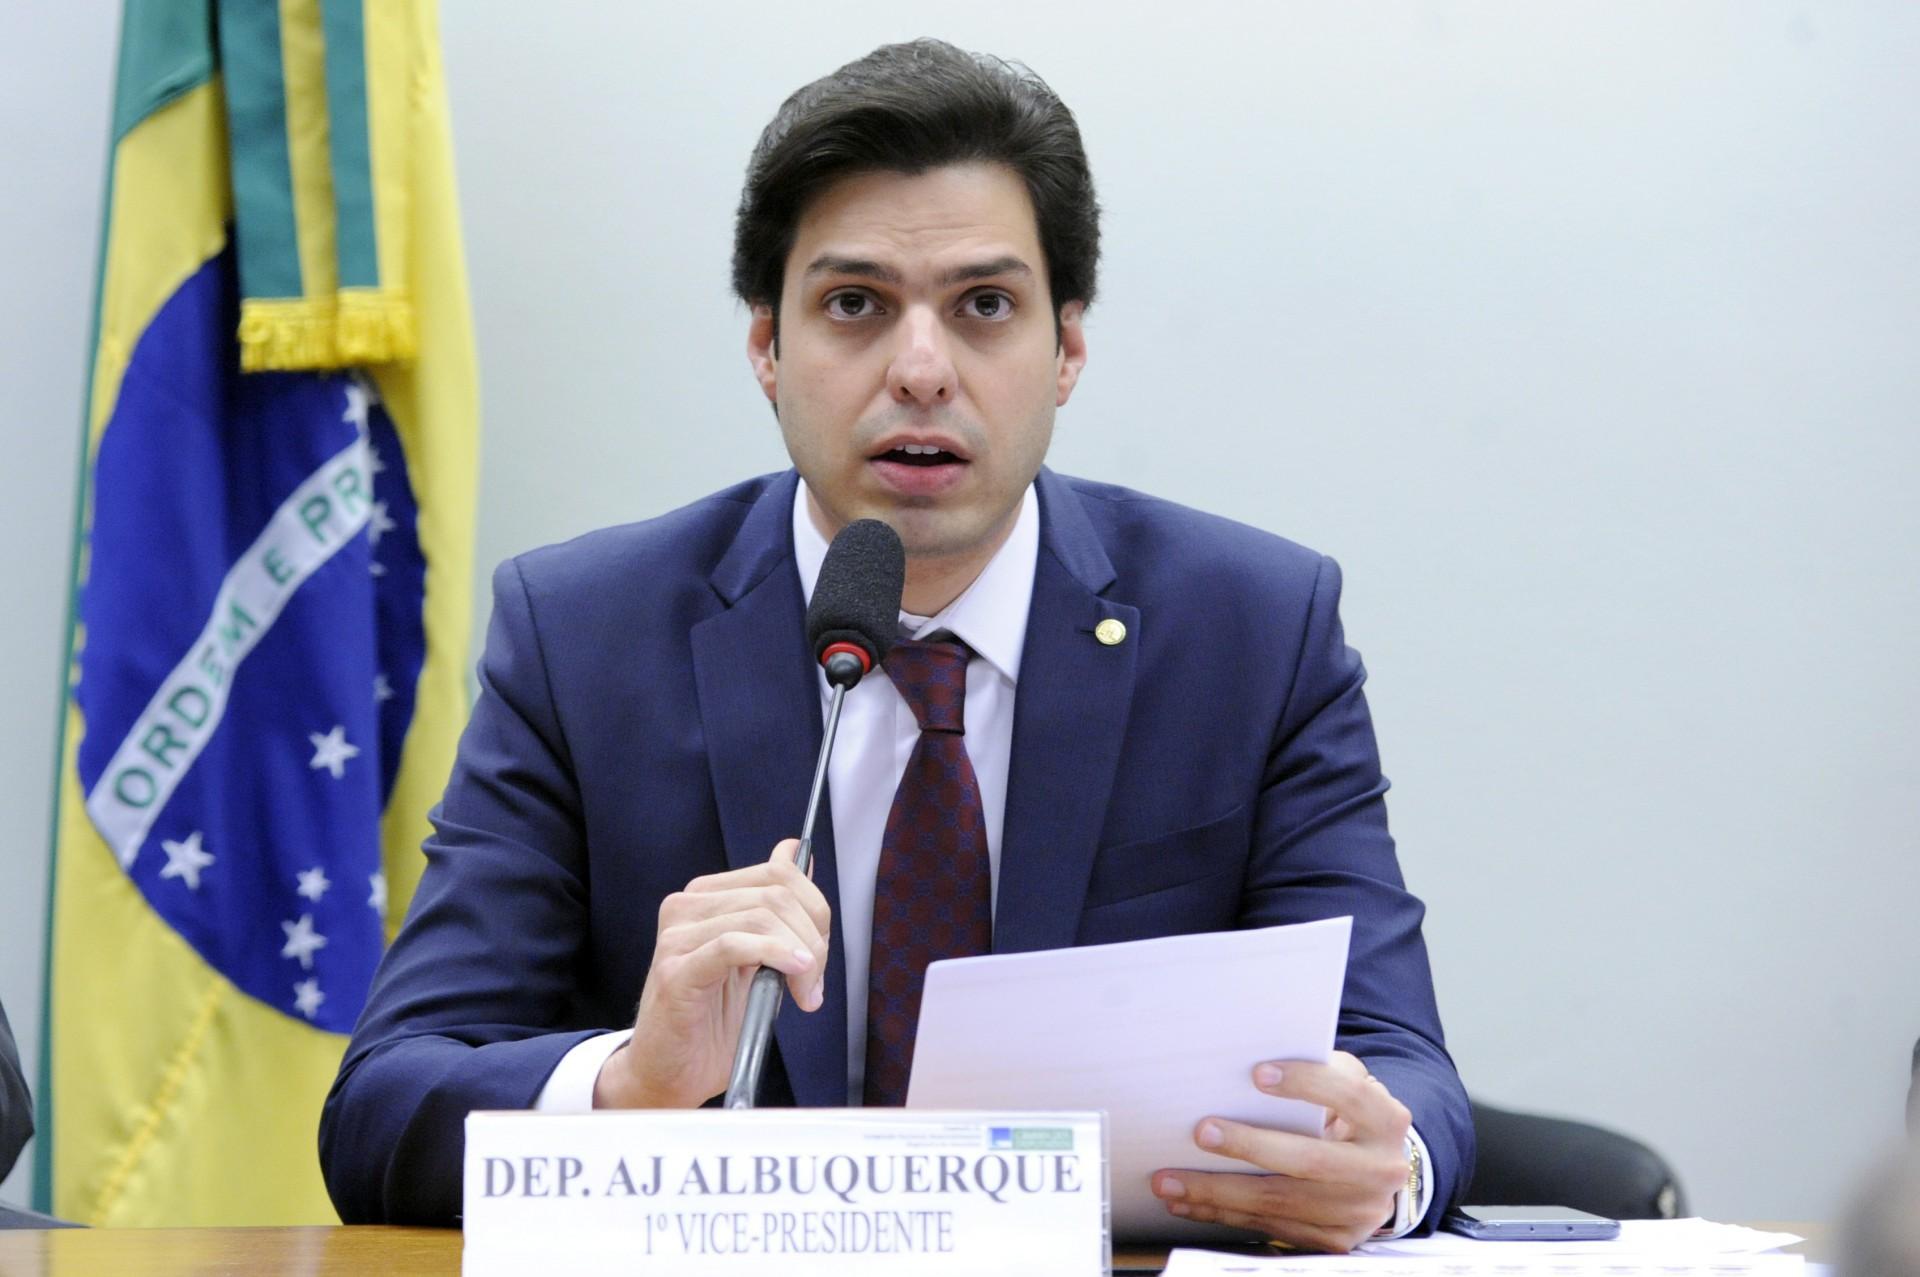 AJ ALBUQUERQUE, deputado federal pelo PP-CE(Foto: Cleia Viana/Câmara dos Deputados)